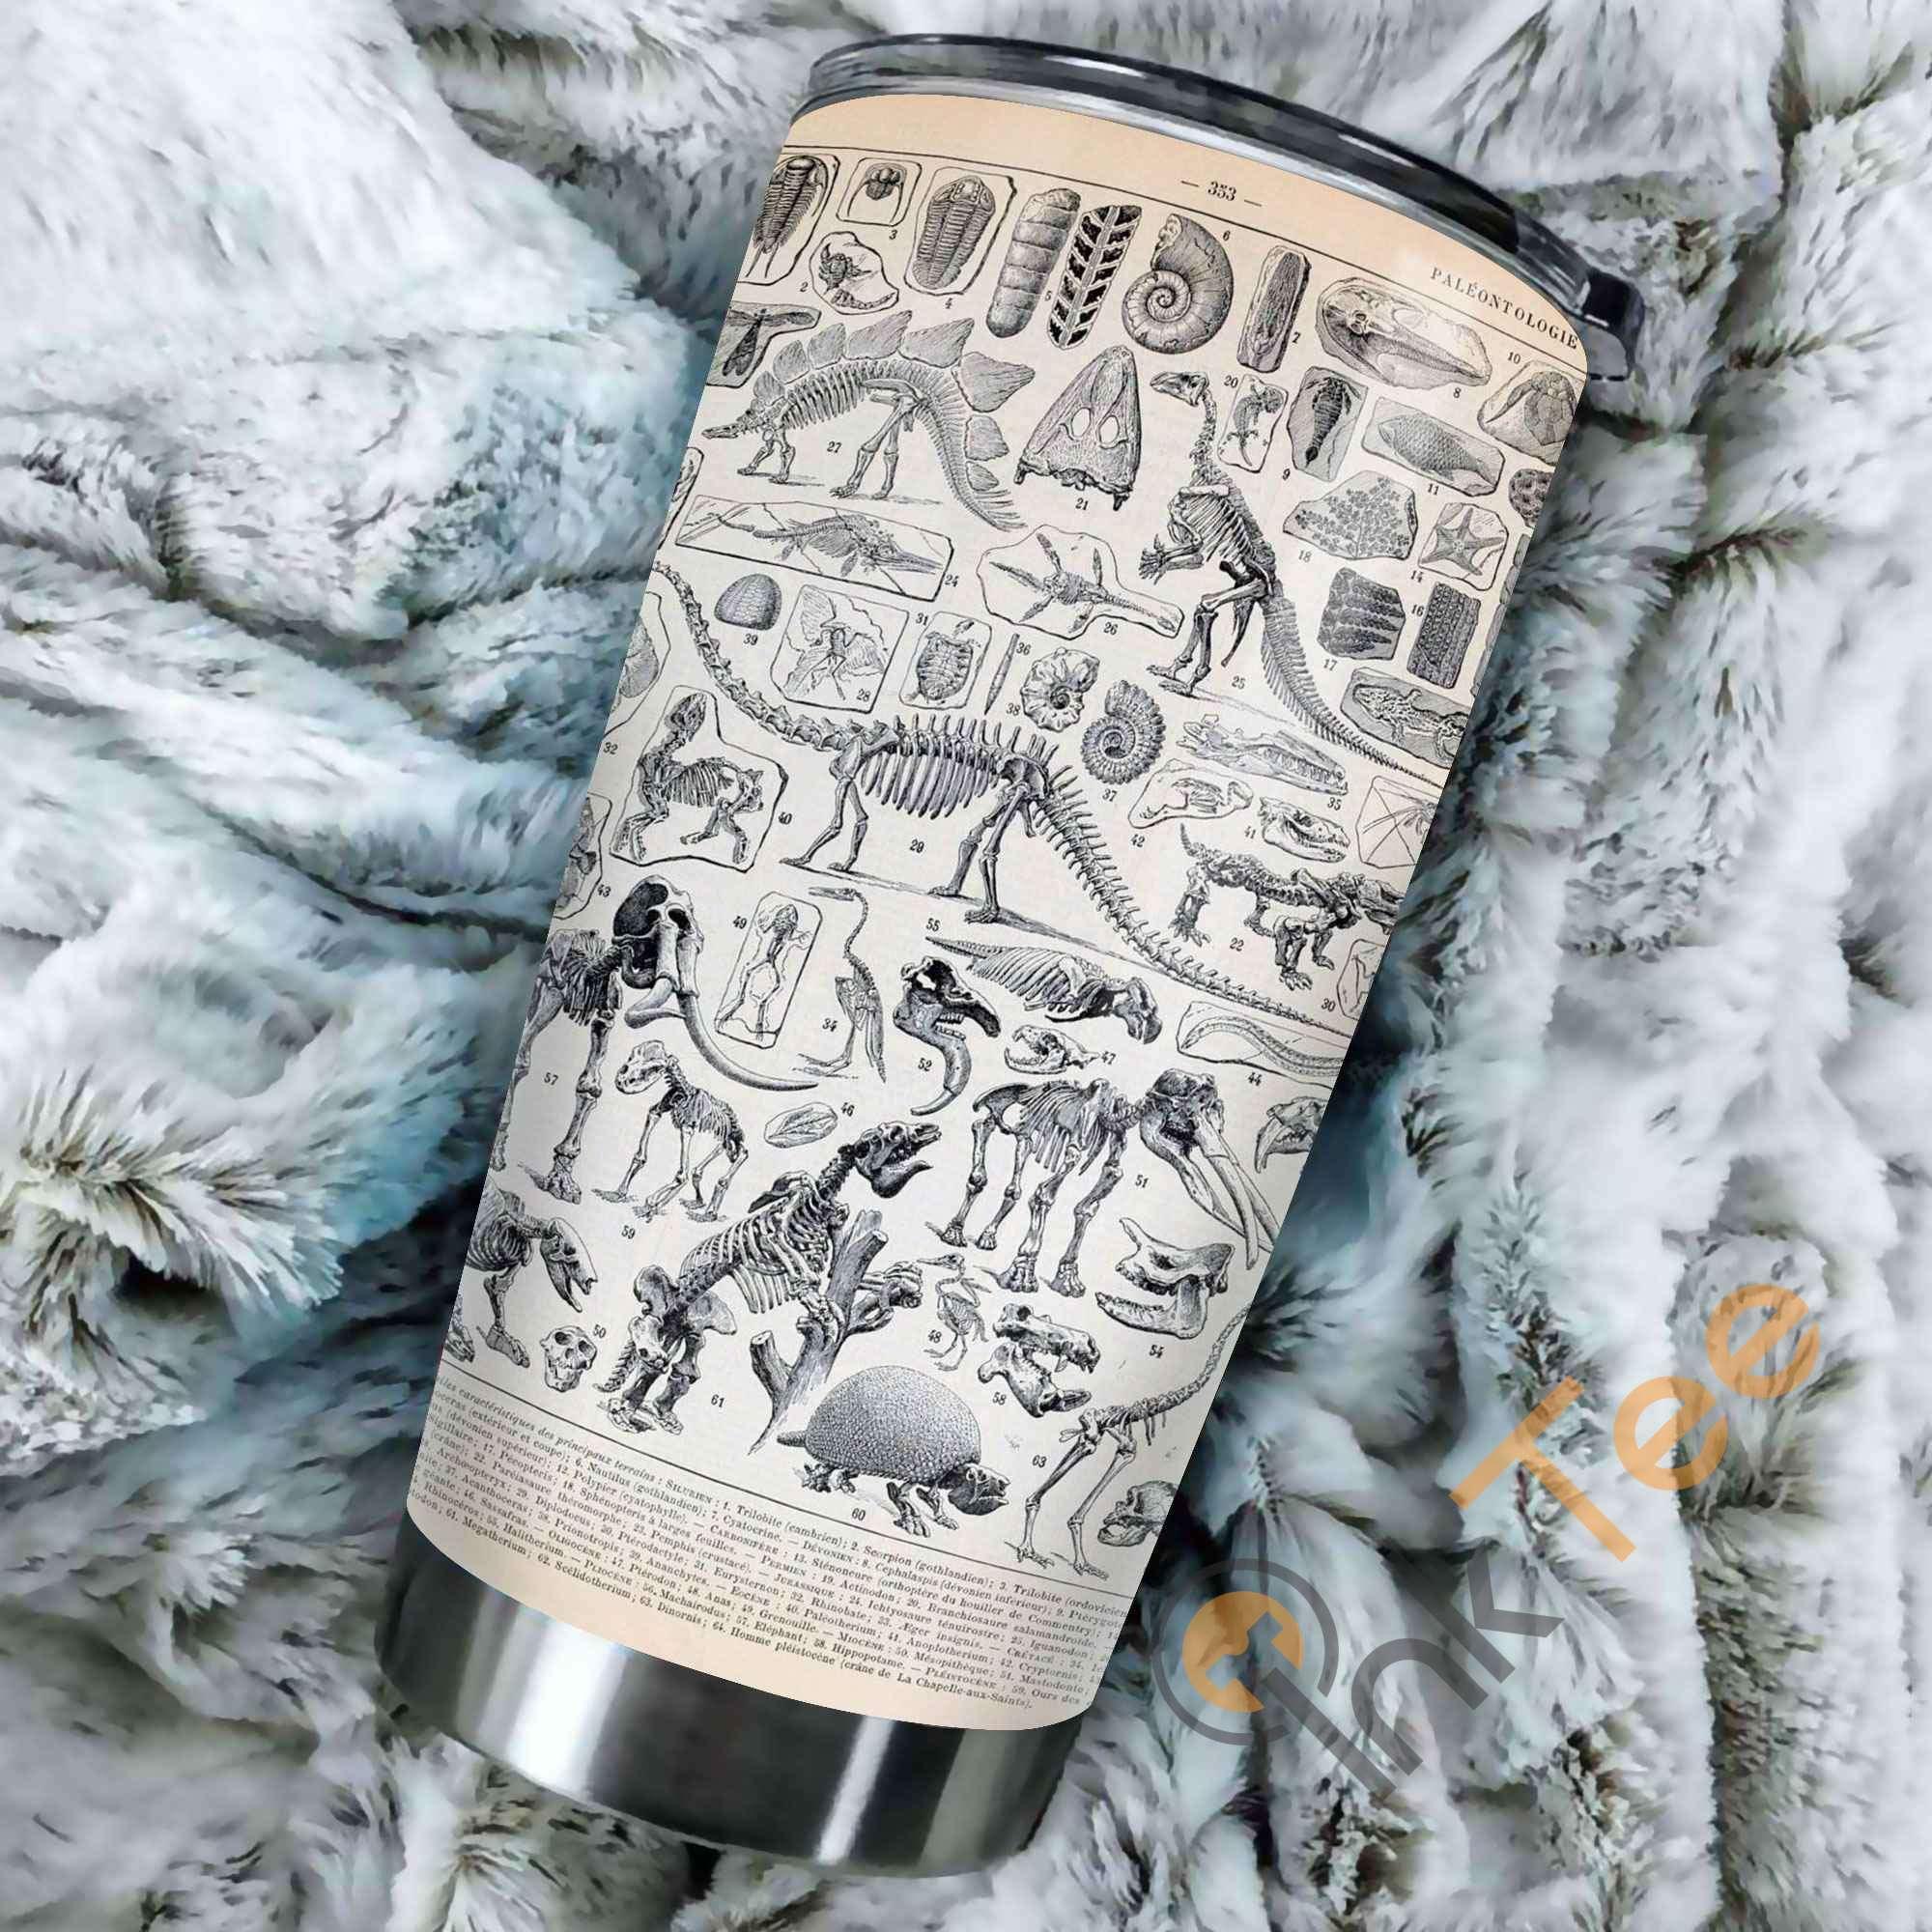 Fossil Wild Animal Amazon Best Seller Sku 3390 Stainless Steel Tumbler